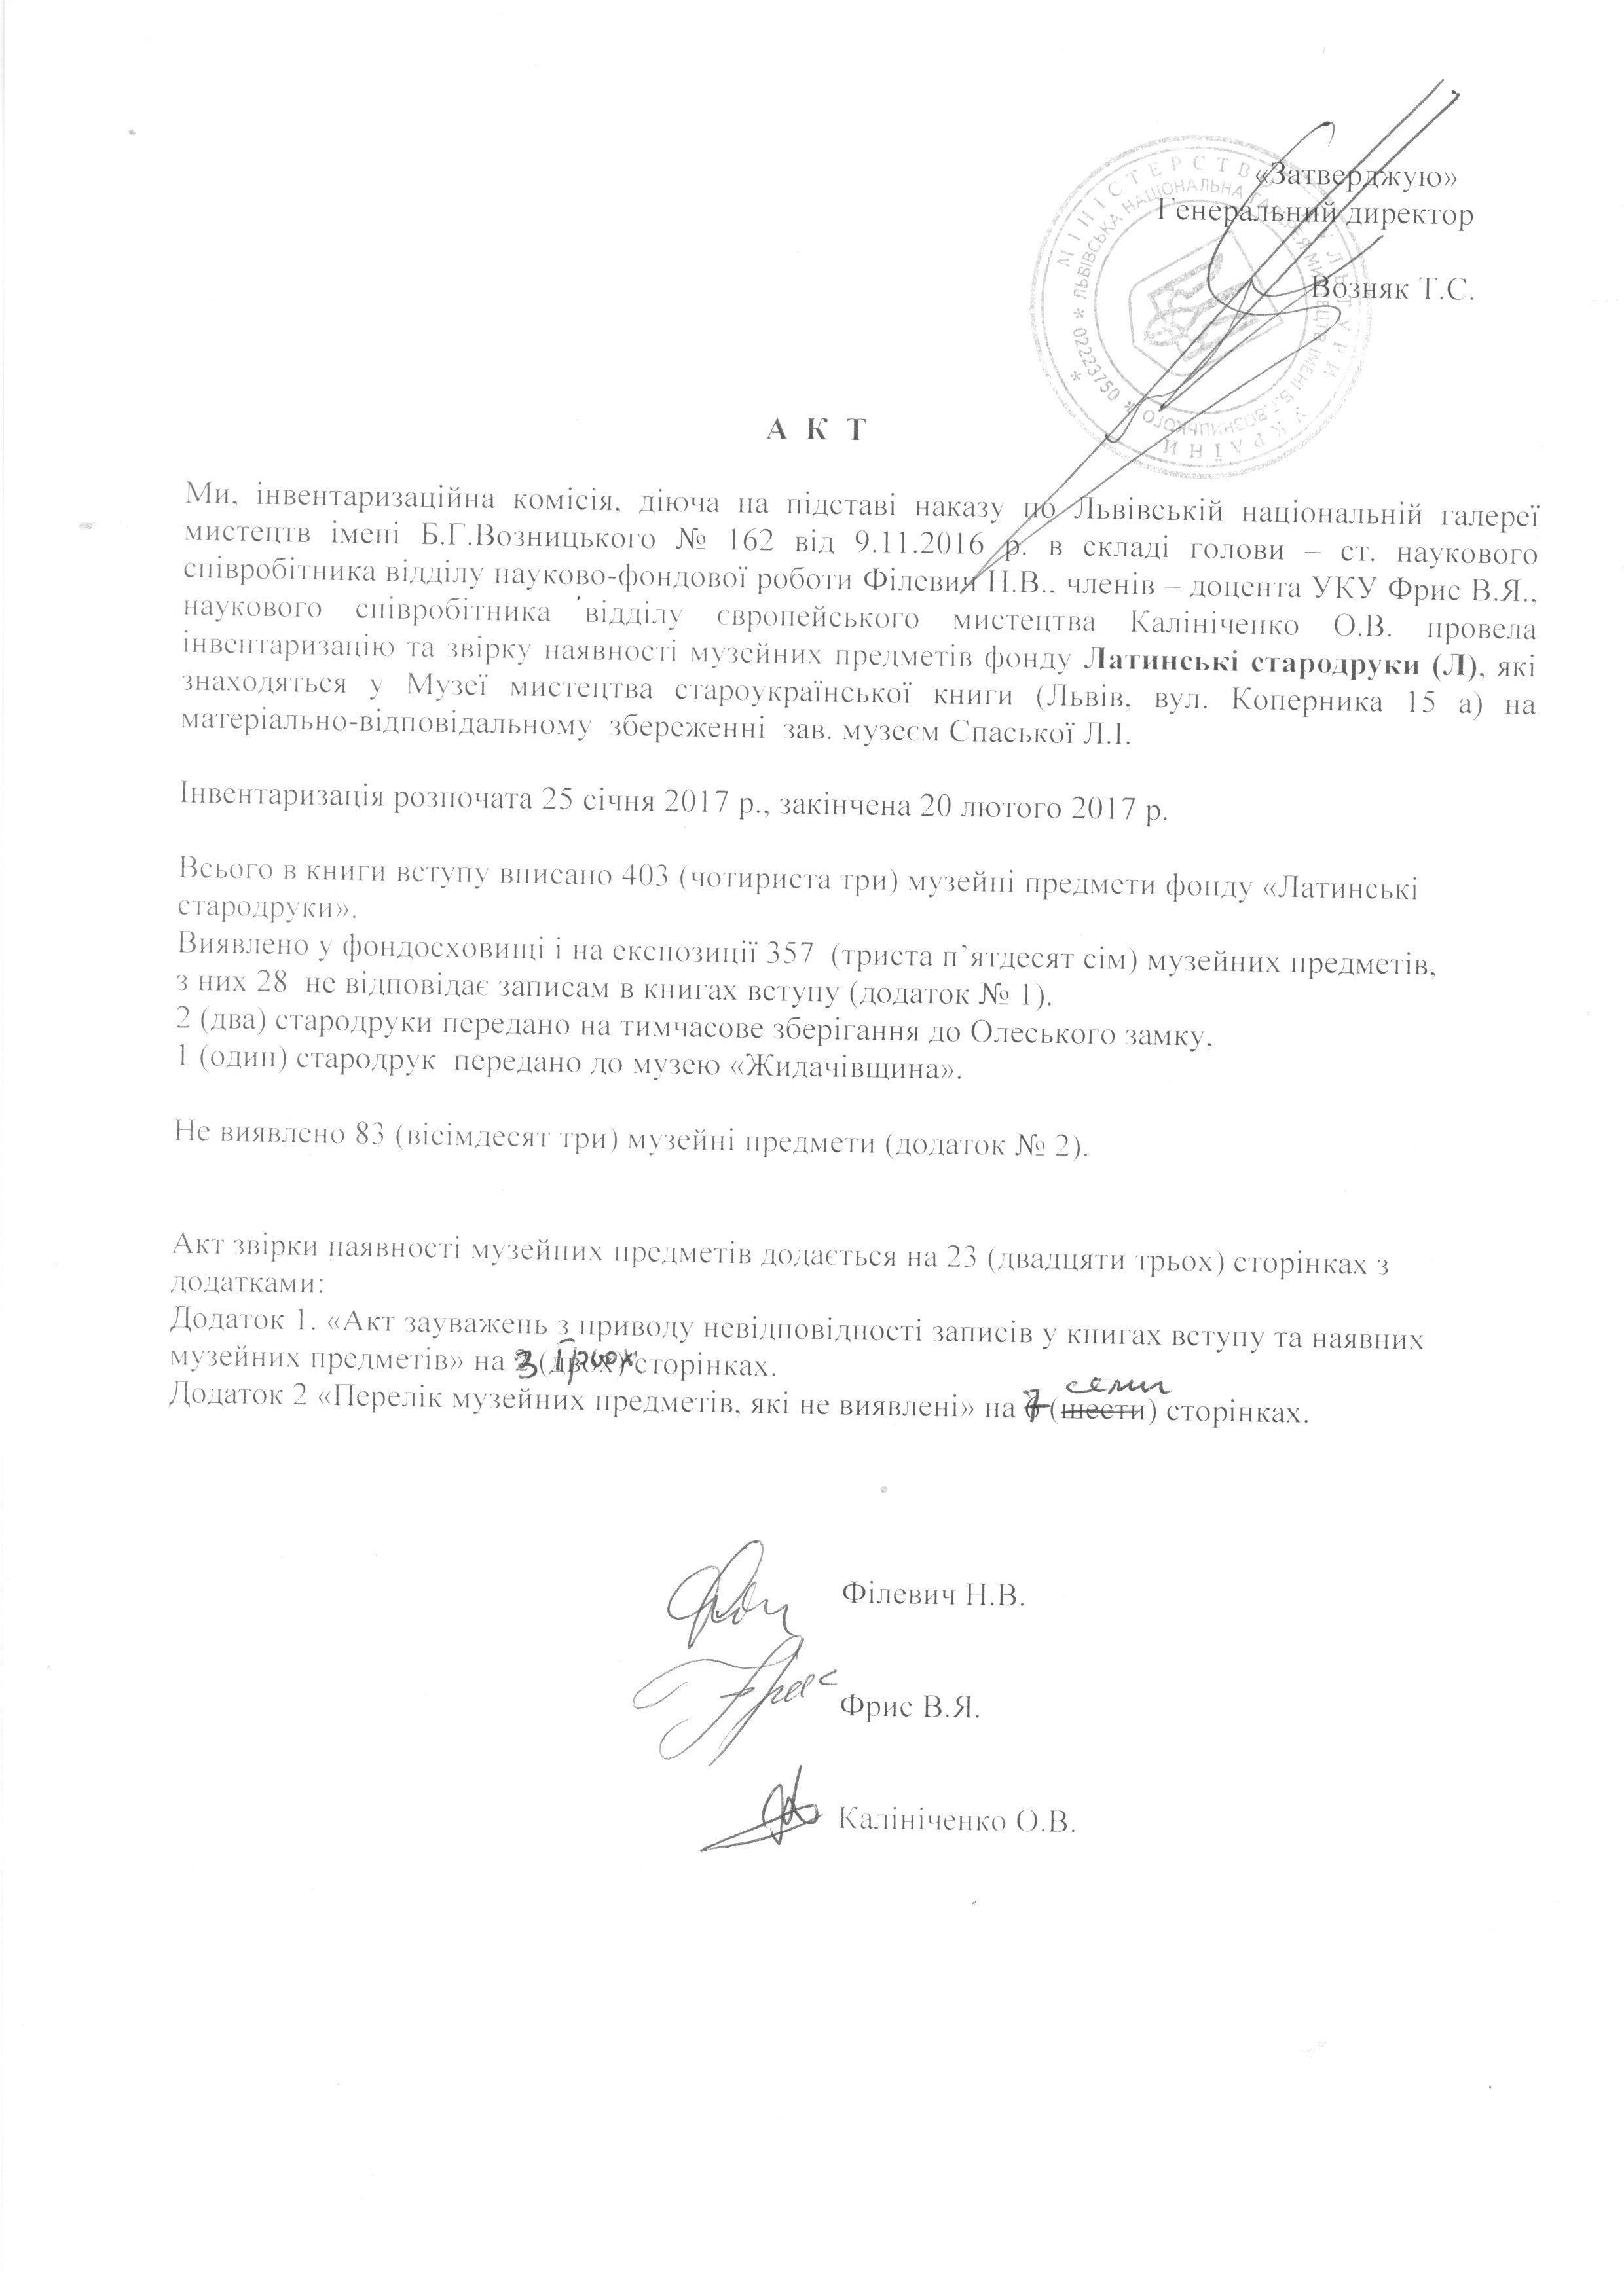 Тарас Возняк: Було вкрадено кожен четвертий стародрук